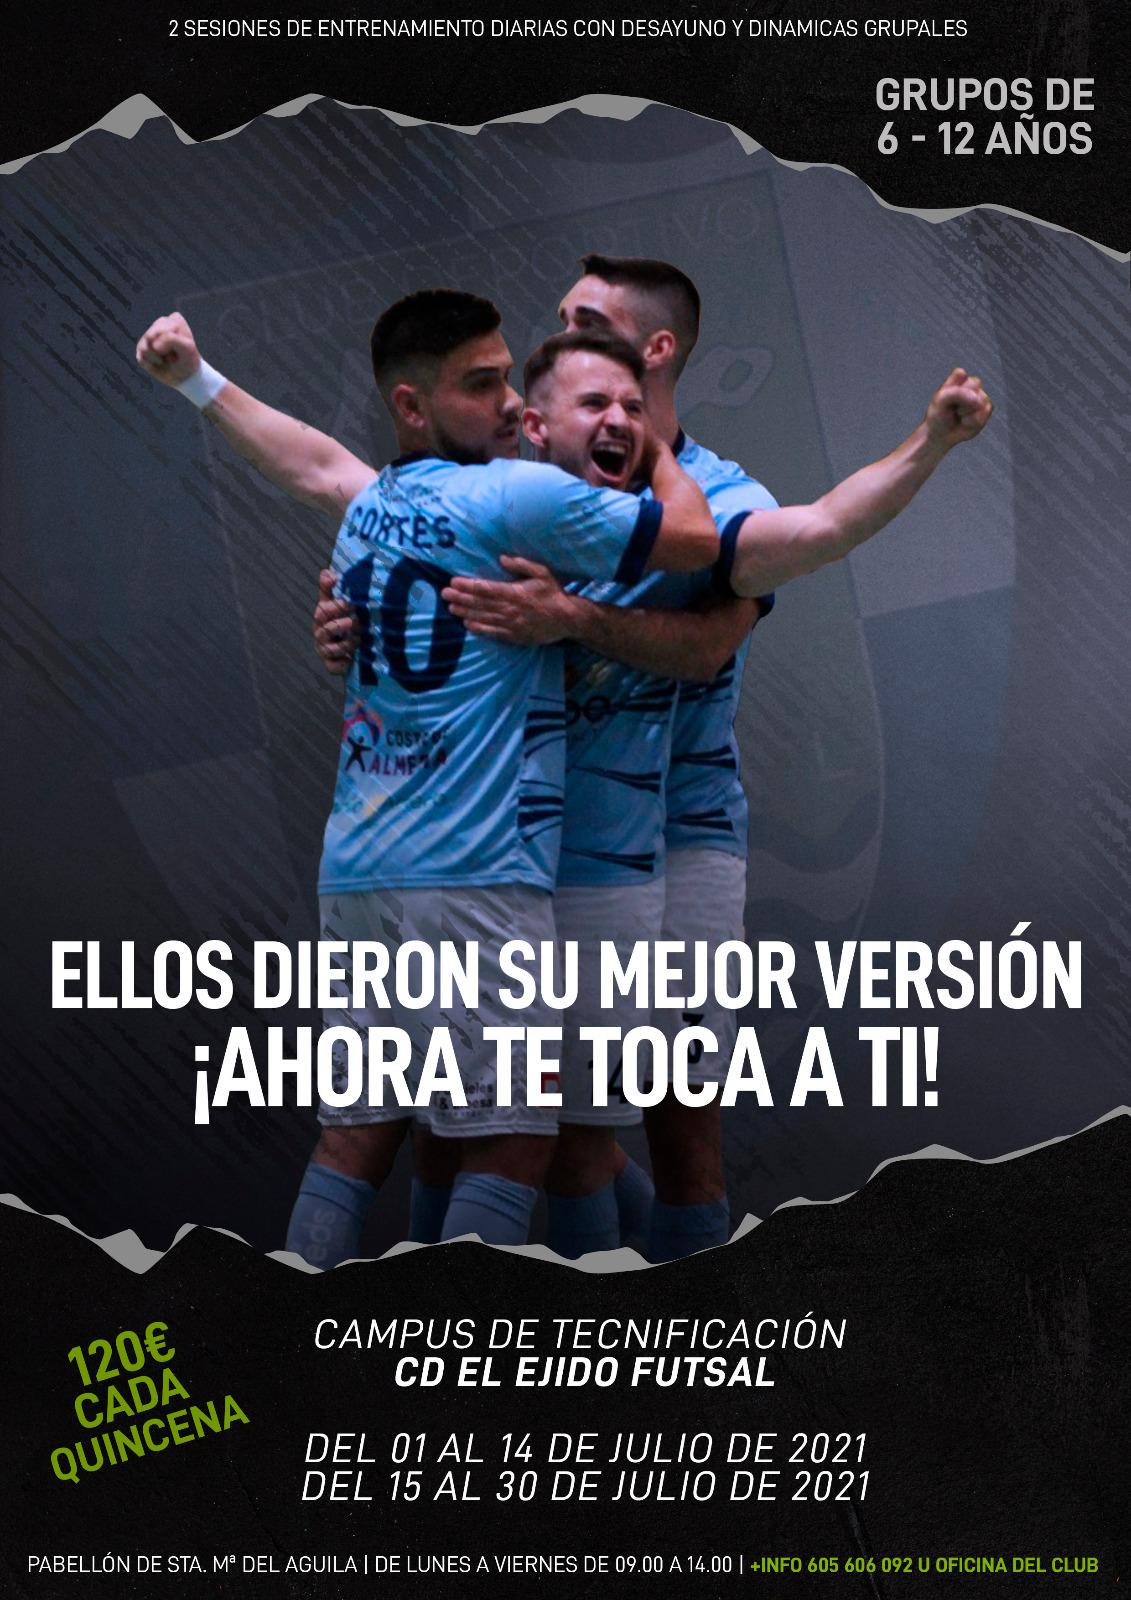 El CD El Ejido Futsal lanza su Campus de Tecnificación